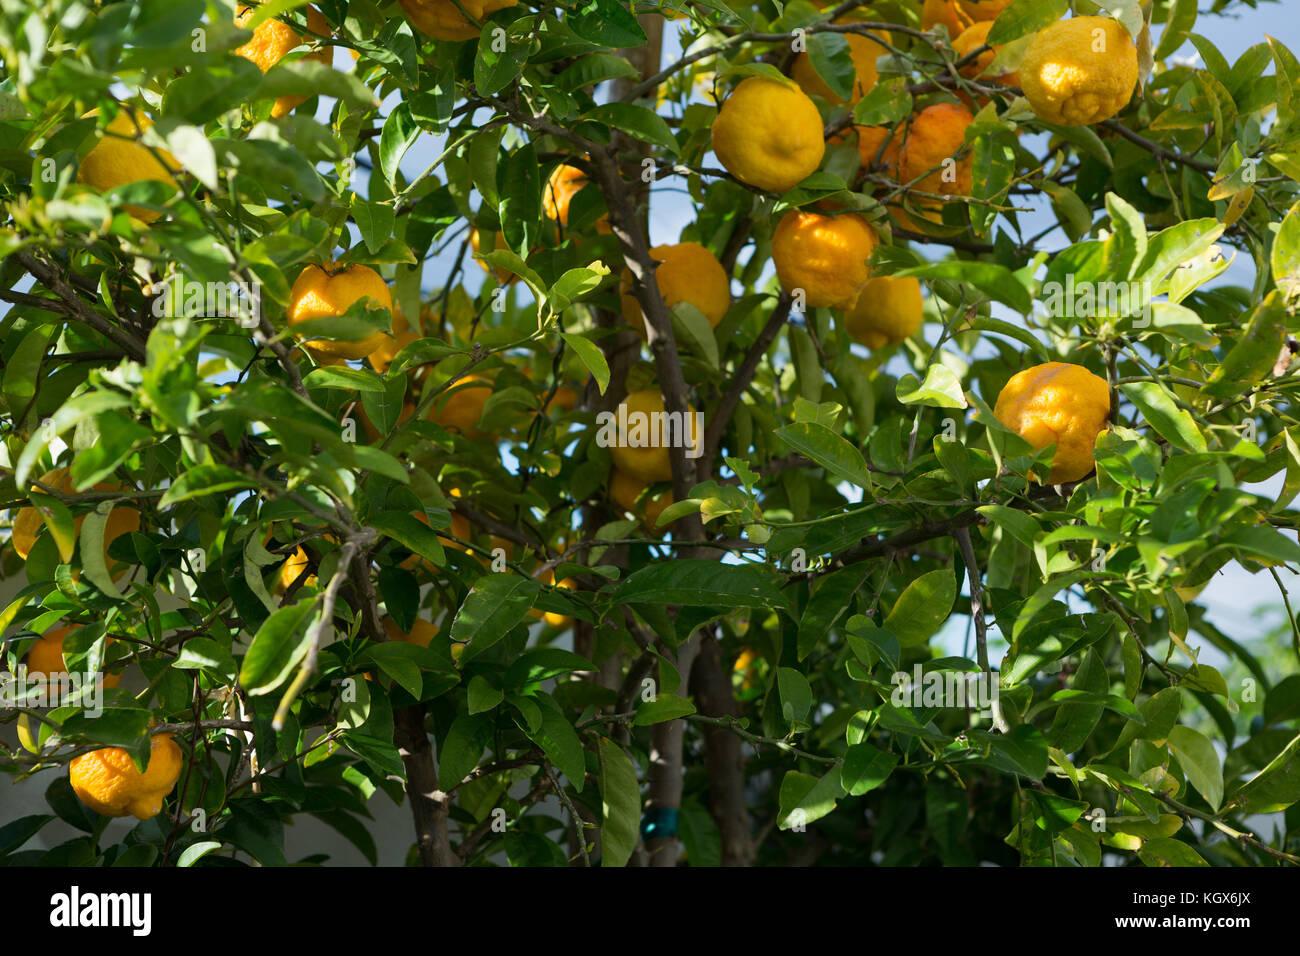 Ripe oranges on tree Stock Photo